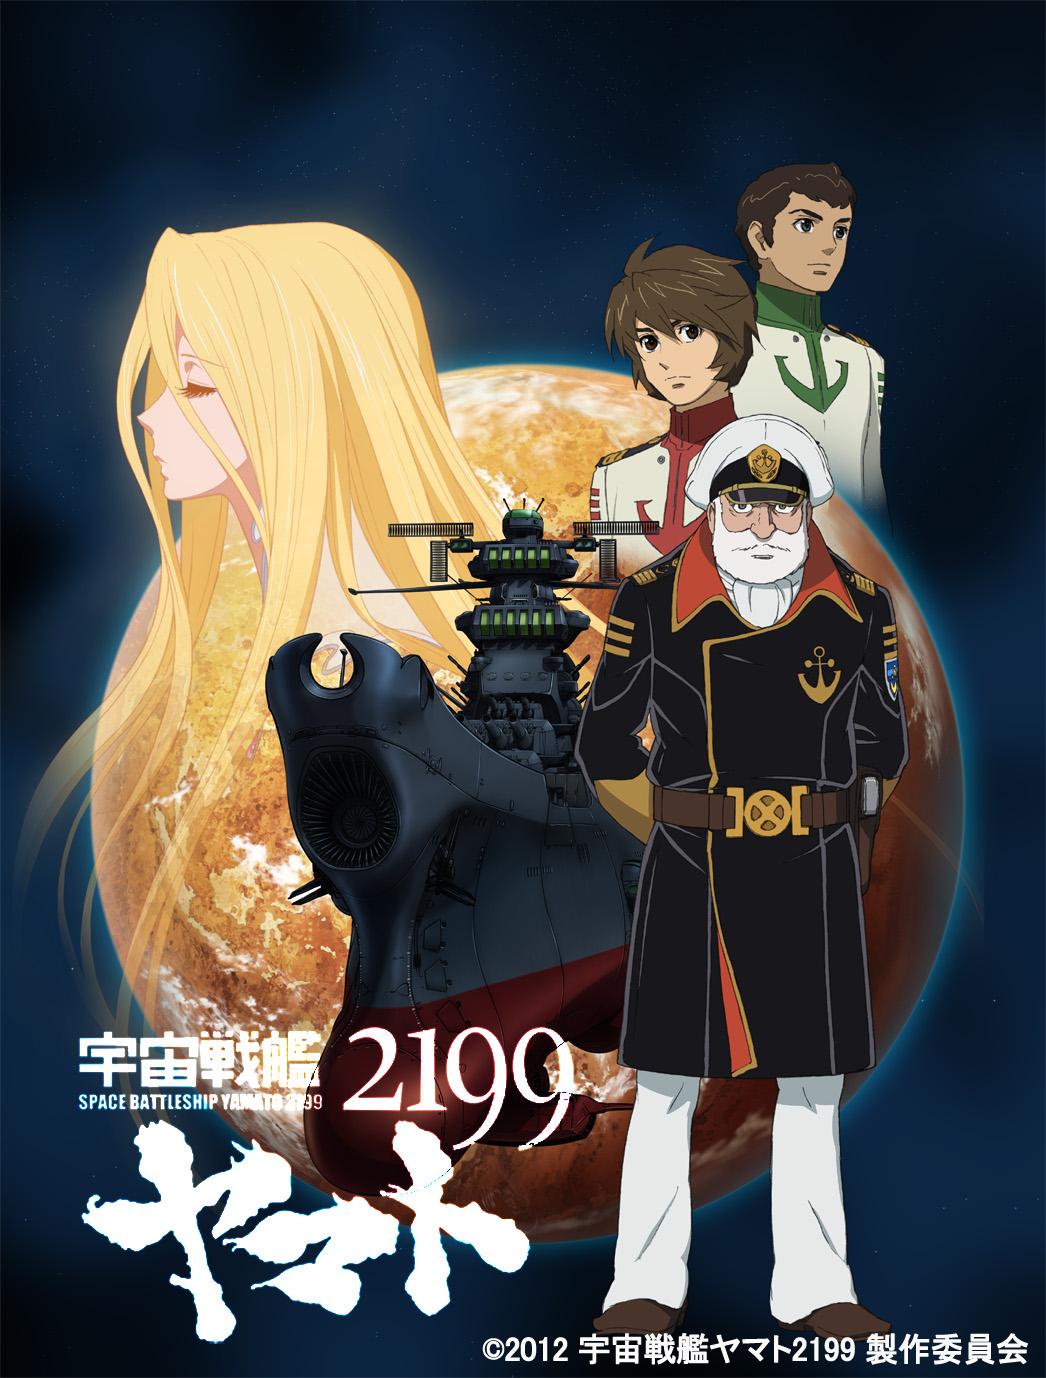 uchuu senkan yamato 2199 anime visual